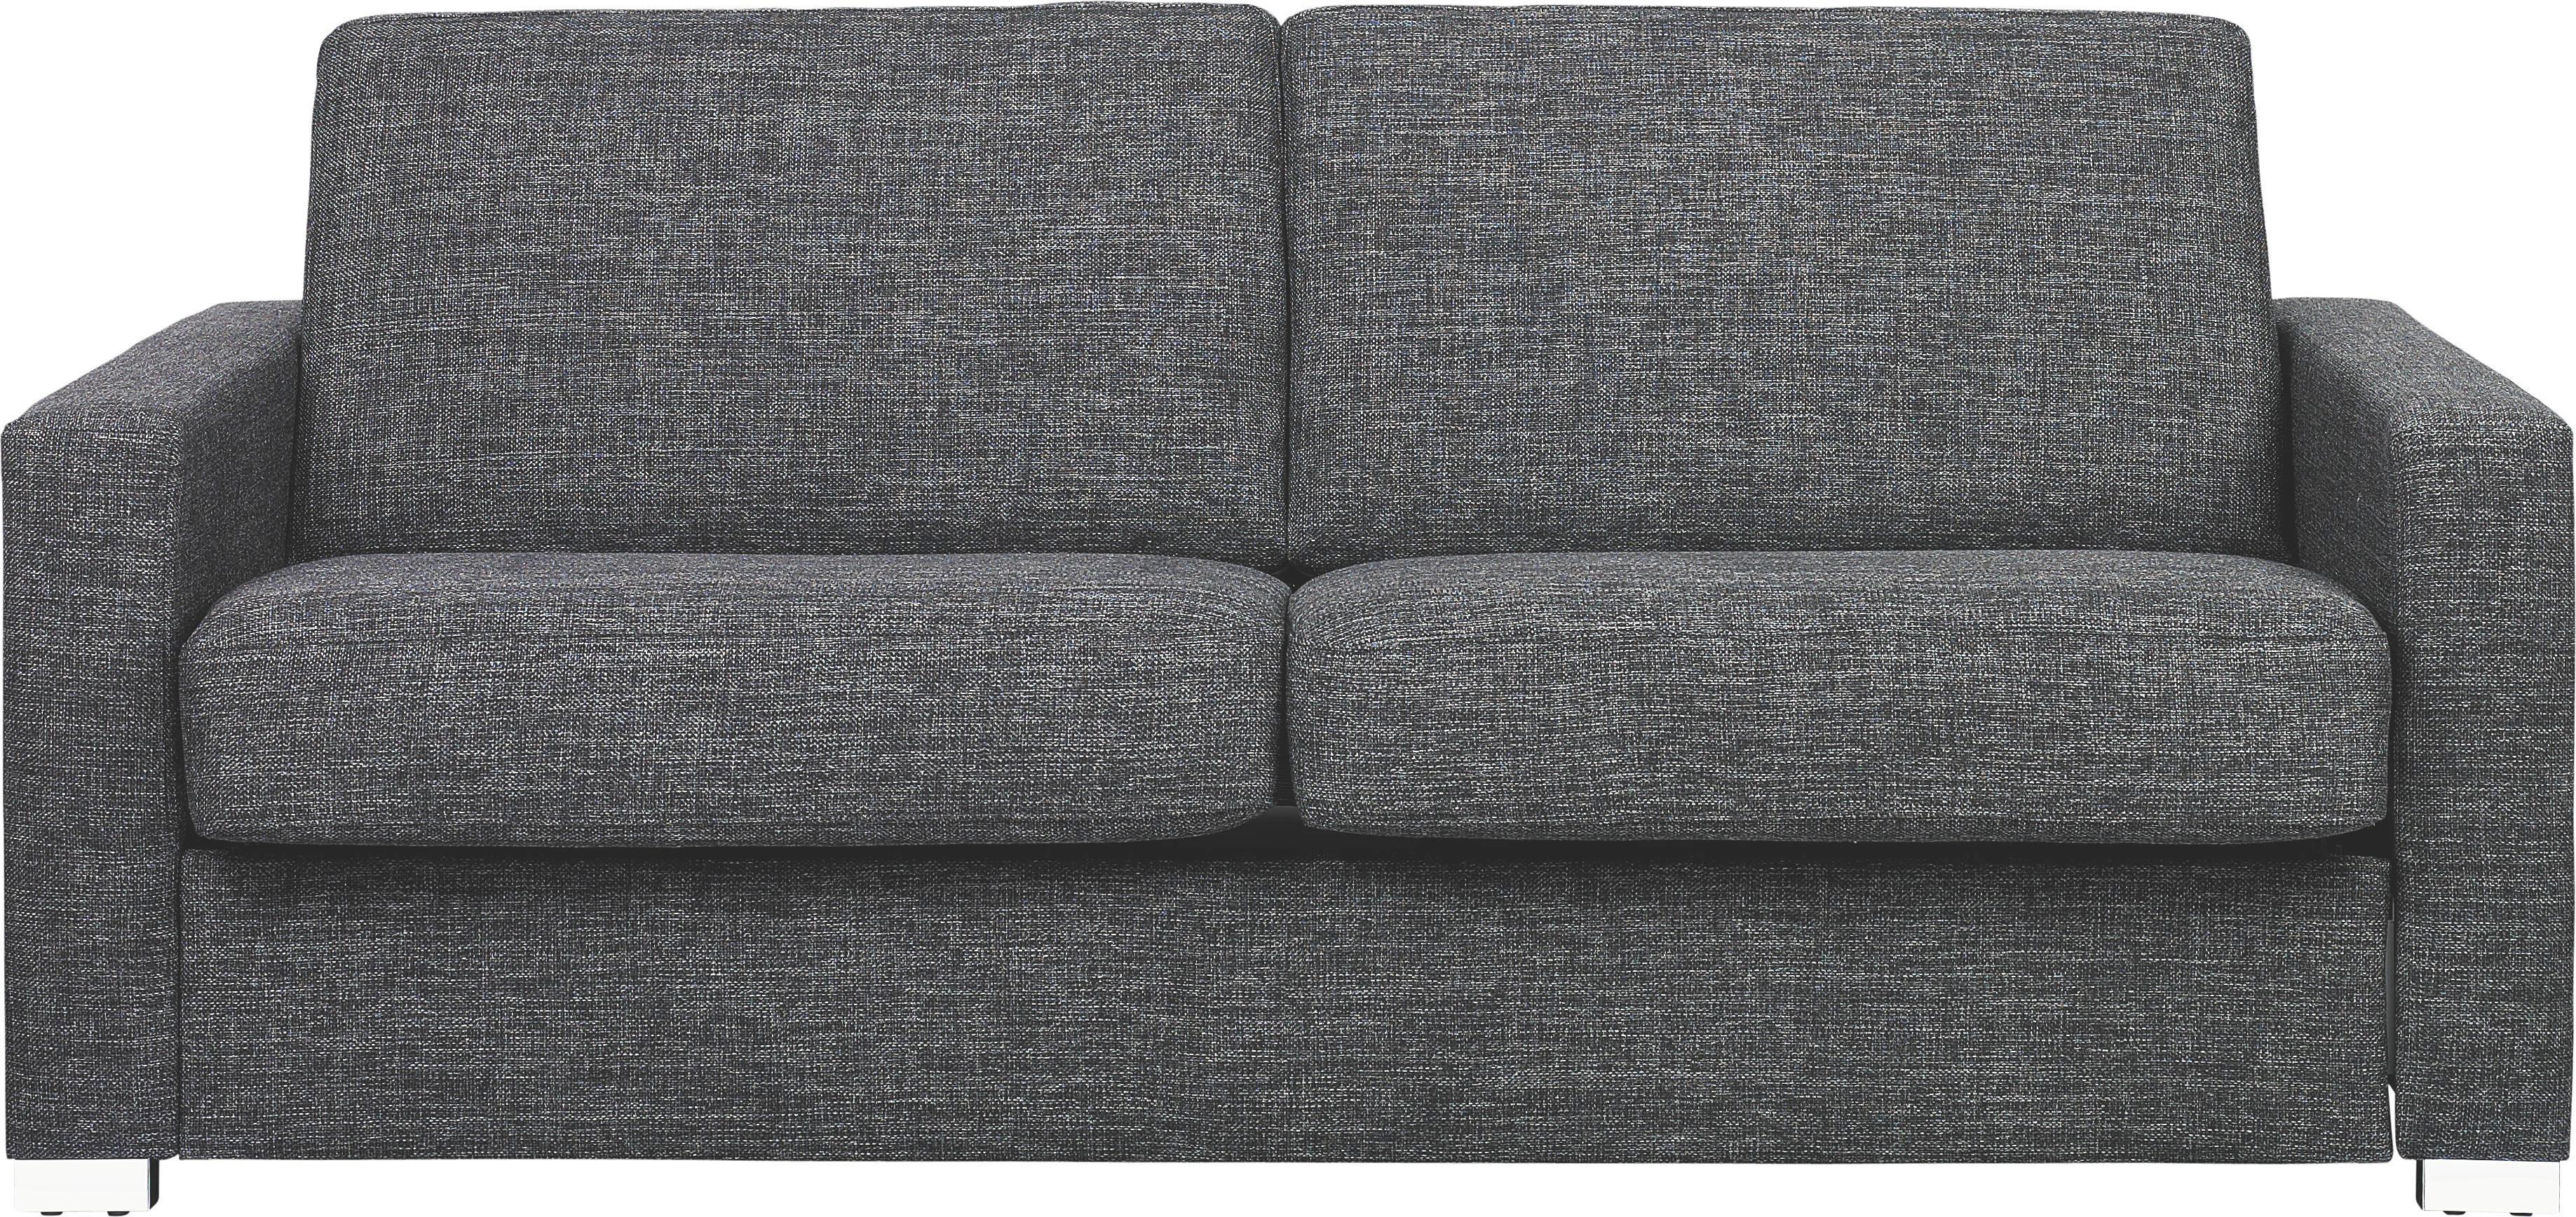 SCHLAFSOFA   Chromfarben/Anthrazit, KONVENTIONELL, Textil/Metall (188/86/